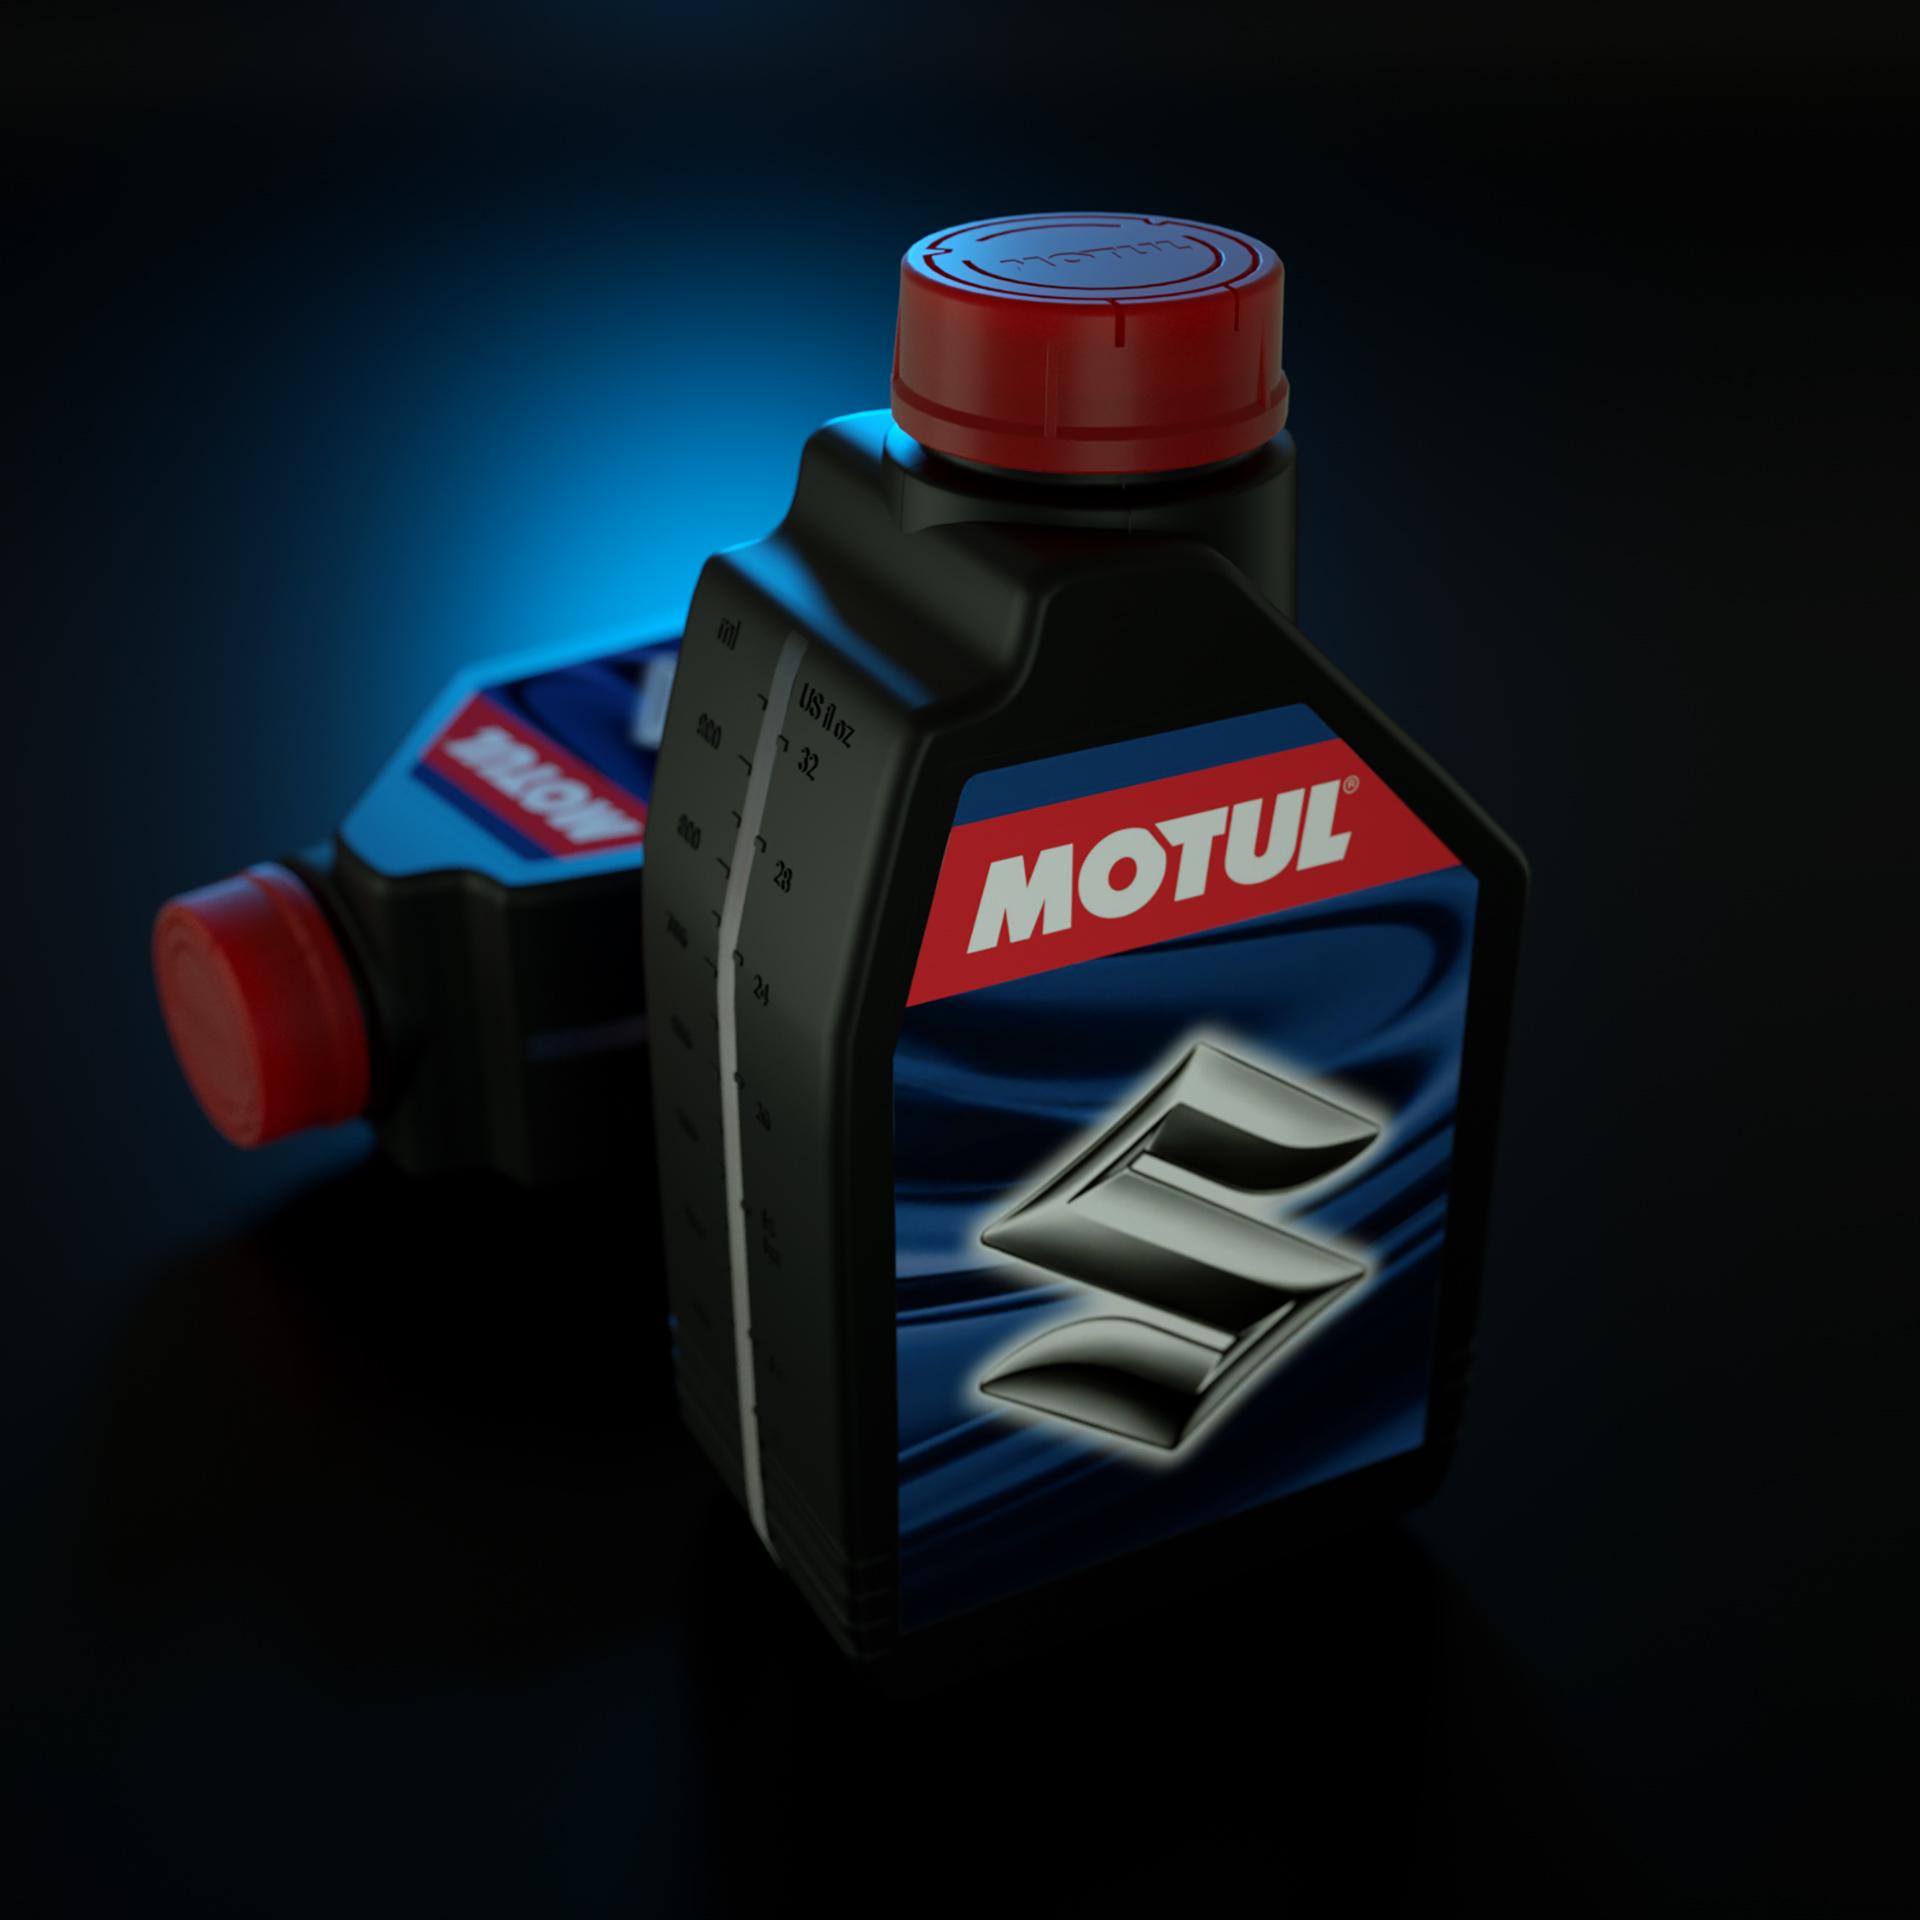 3D Motul Oil Bottle Illustration